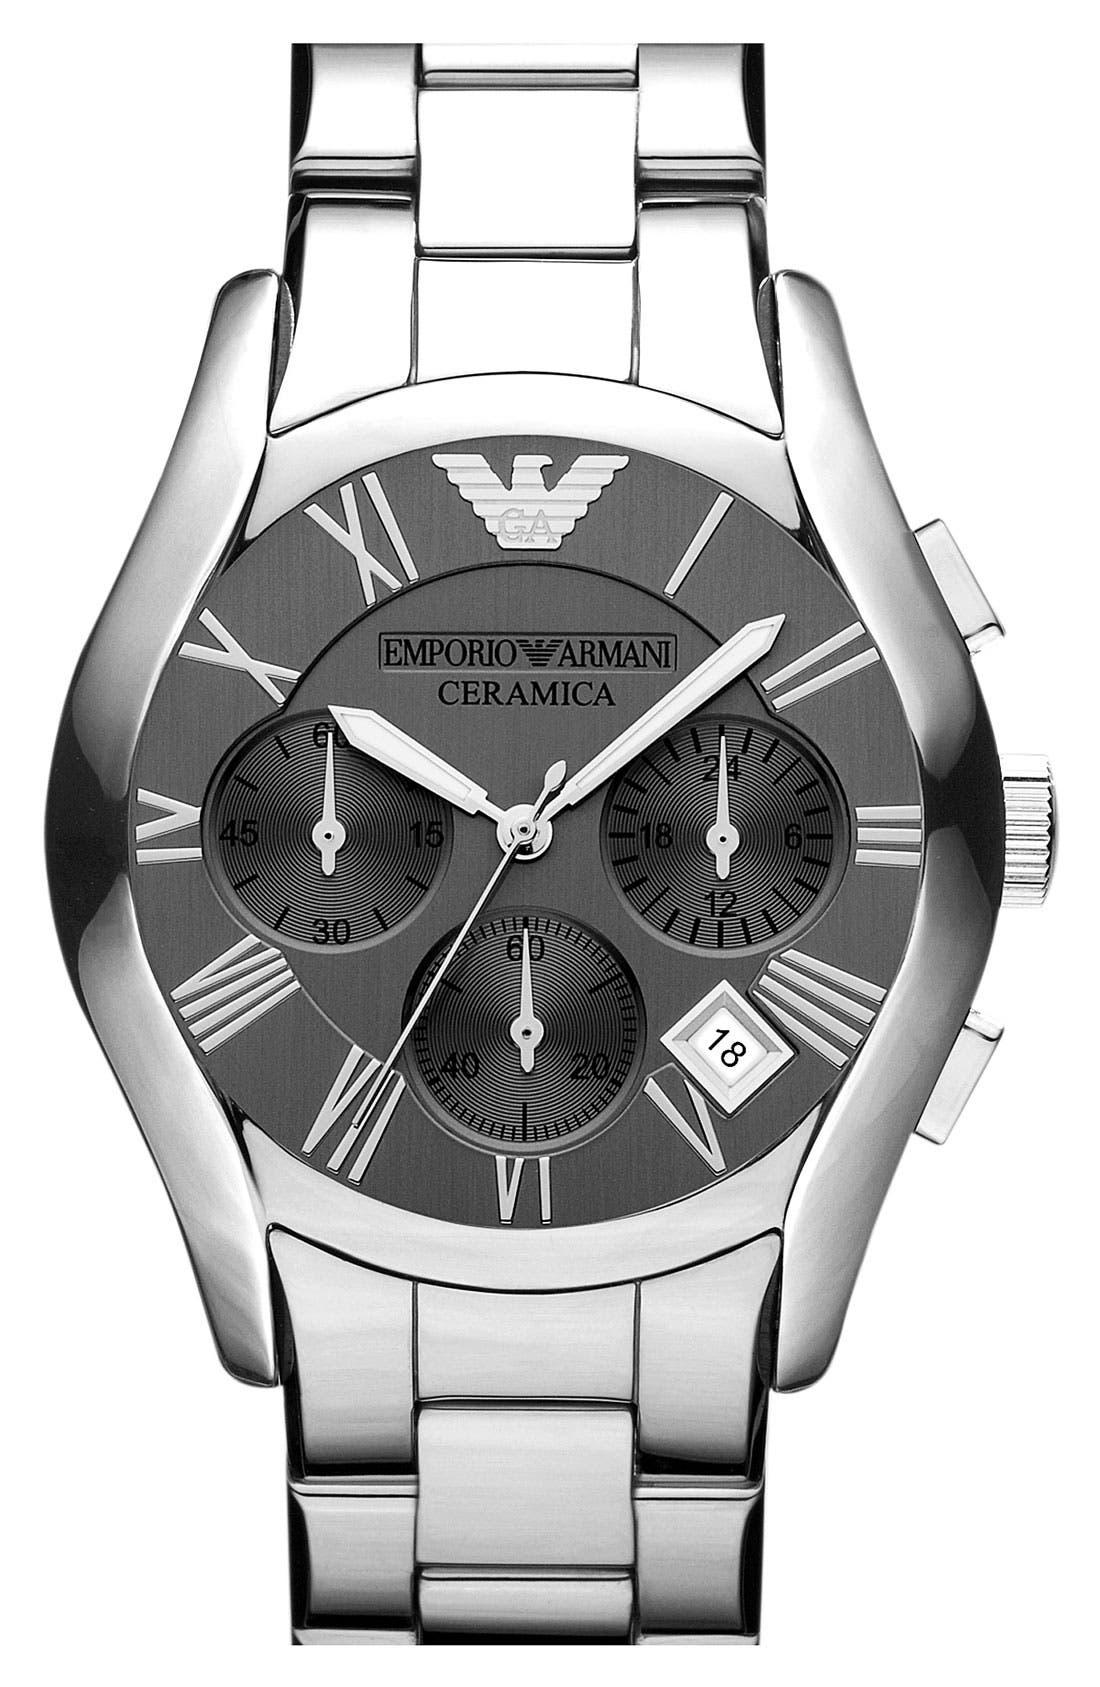 Main Image - Emporio Armani Chronograph Titanium Ceramic Watch, 43mm